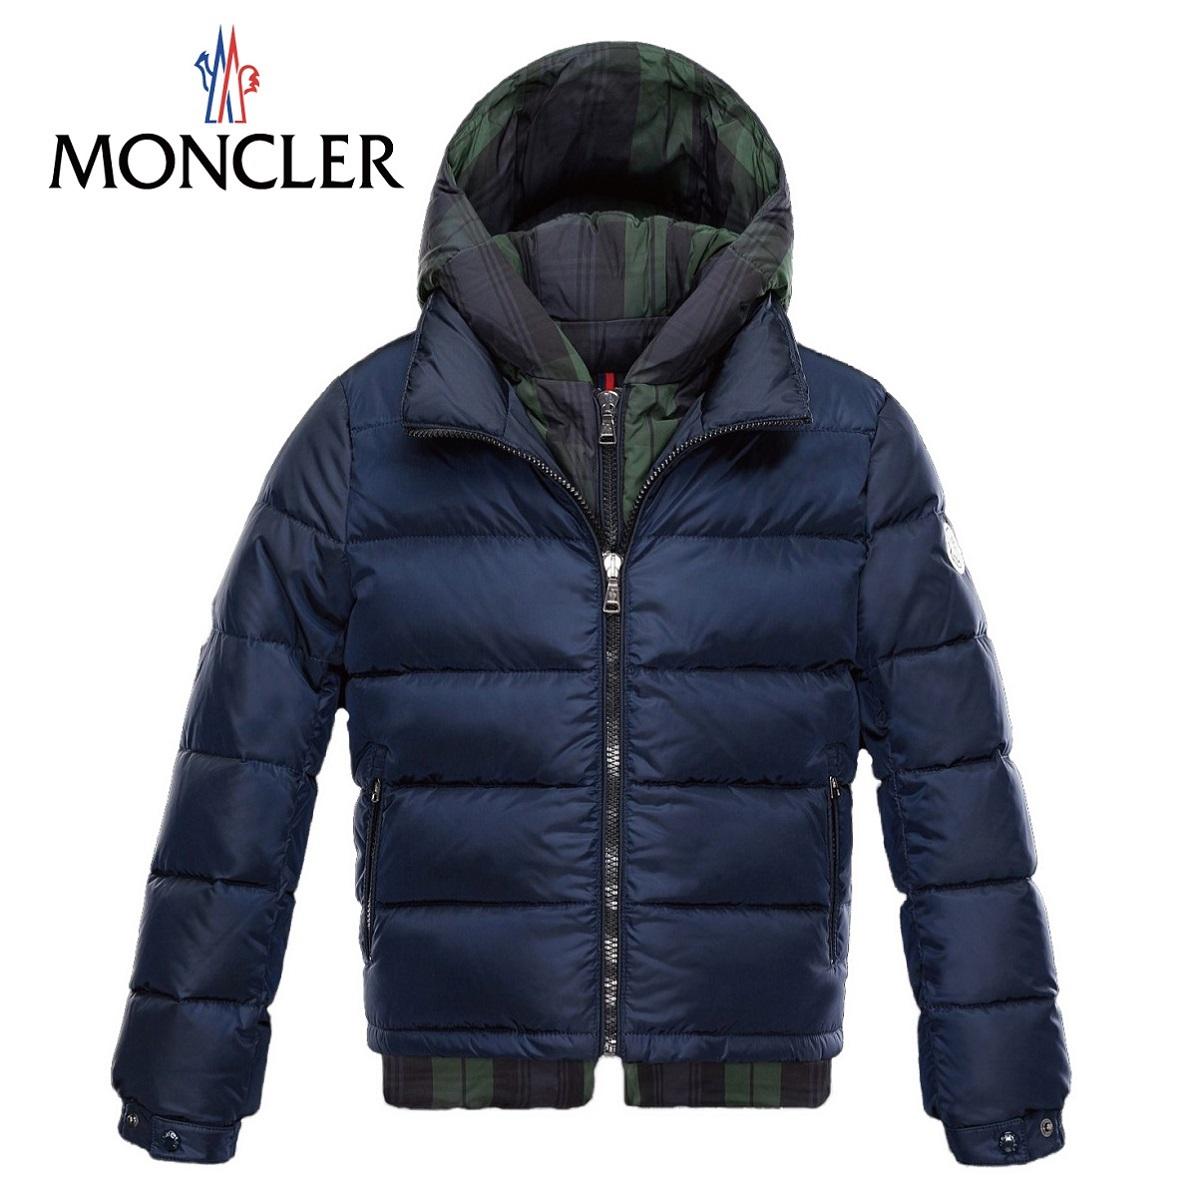 モンクレール[MONCLER] 2015-2016年秋冬 チェックとの重ね着風ダウンジャケット ダウン ジュニア キッズ ベビー